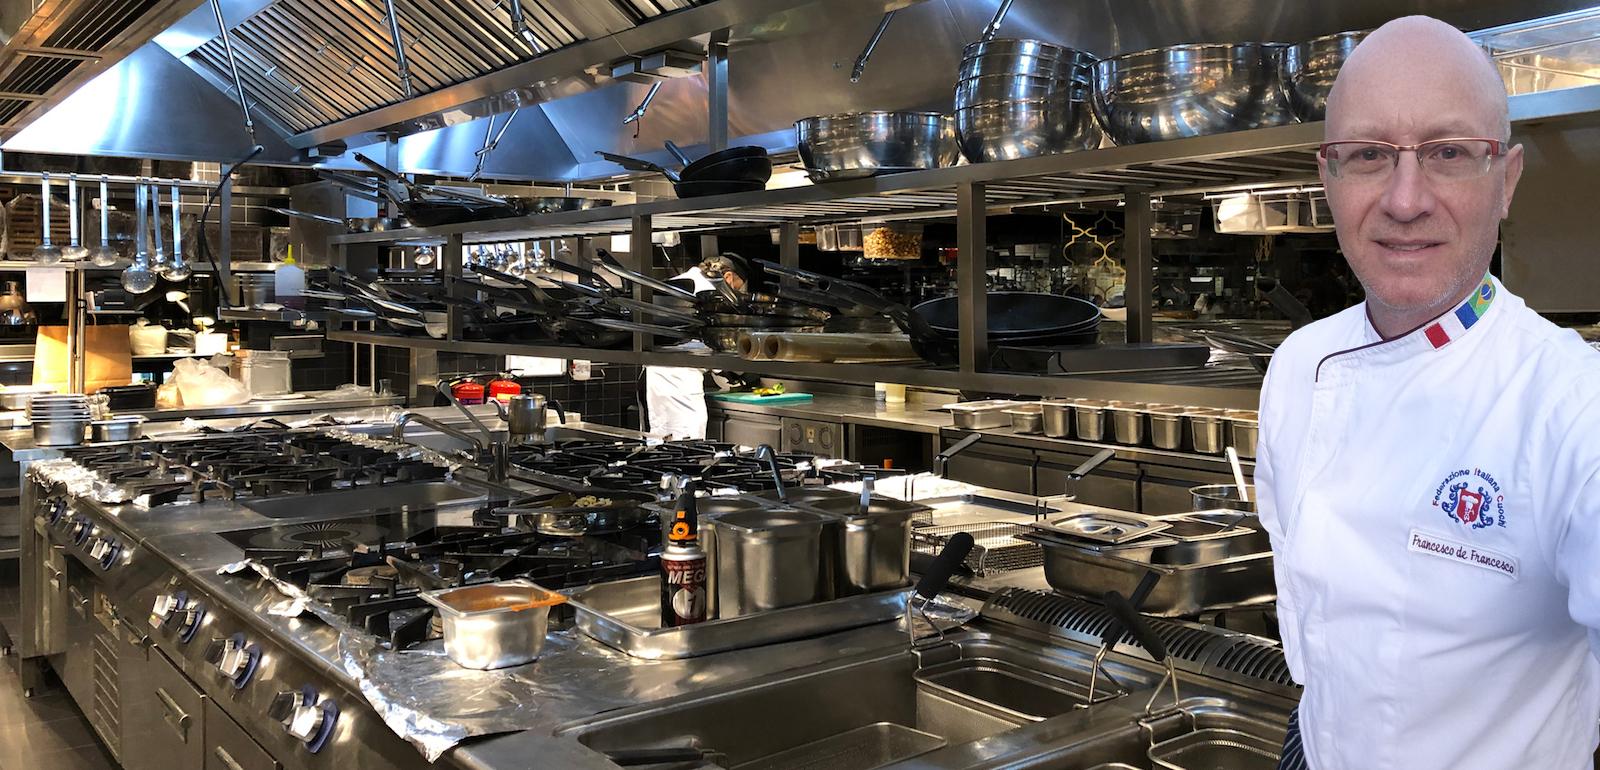 L'executive chef Francesco de Francesco, docente del corso di cucina amatoriale personalizzato.